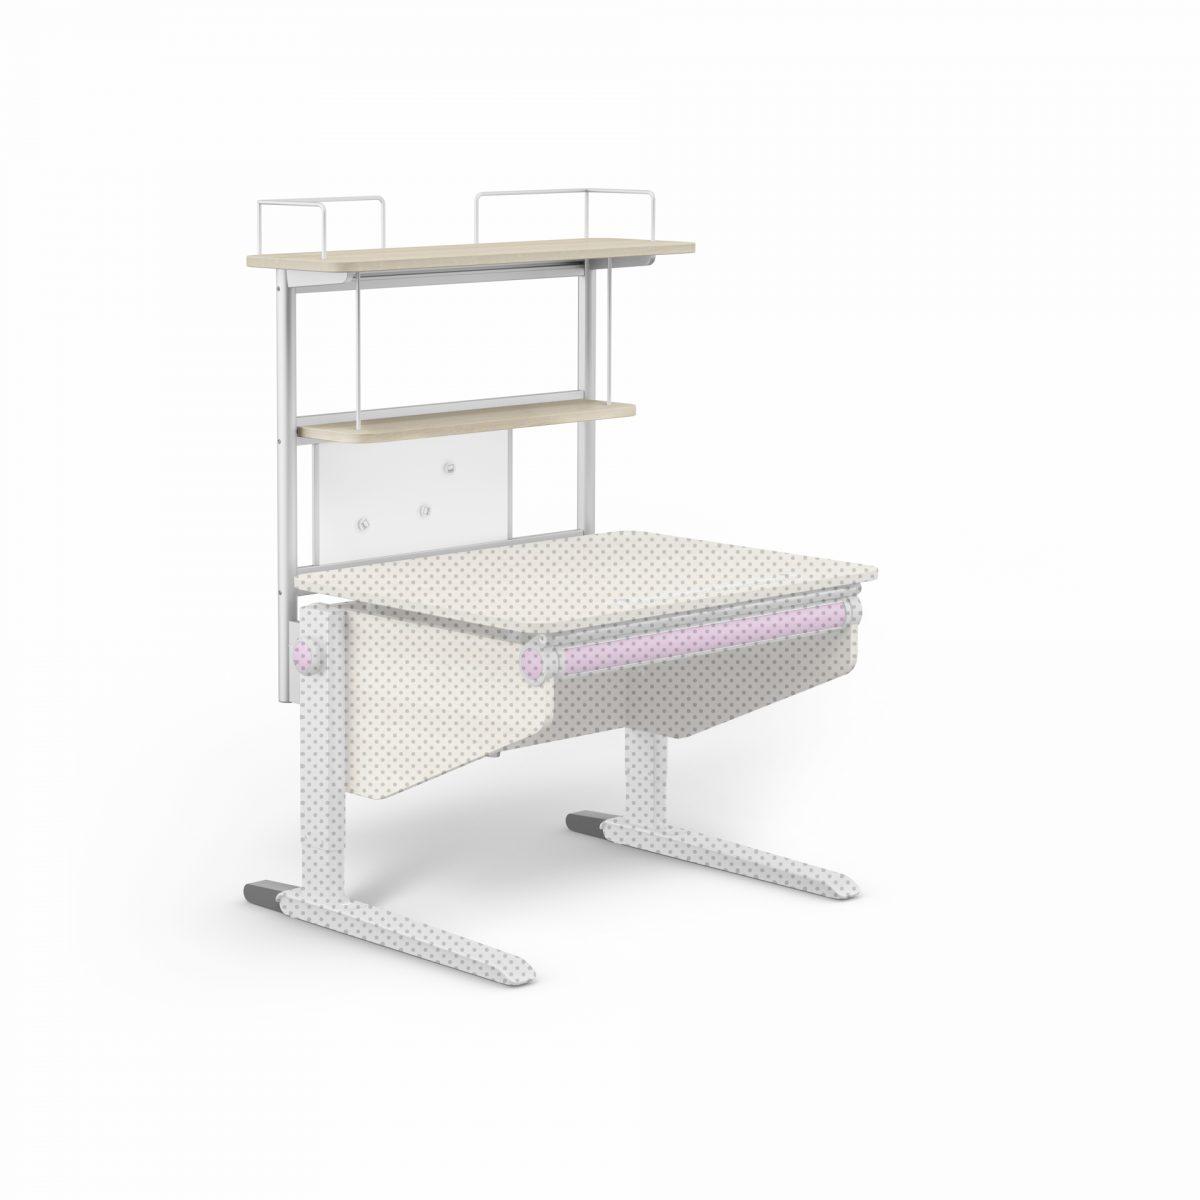 Flex deck pristavba k rostoucimu stolu Winner Compact - Delso - dětský, kancelářský a bytový nábytek